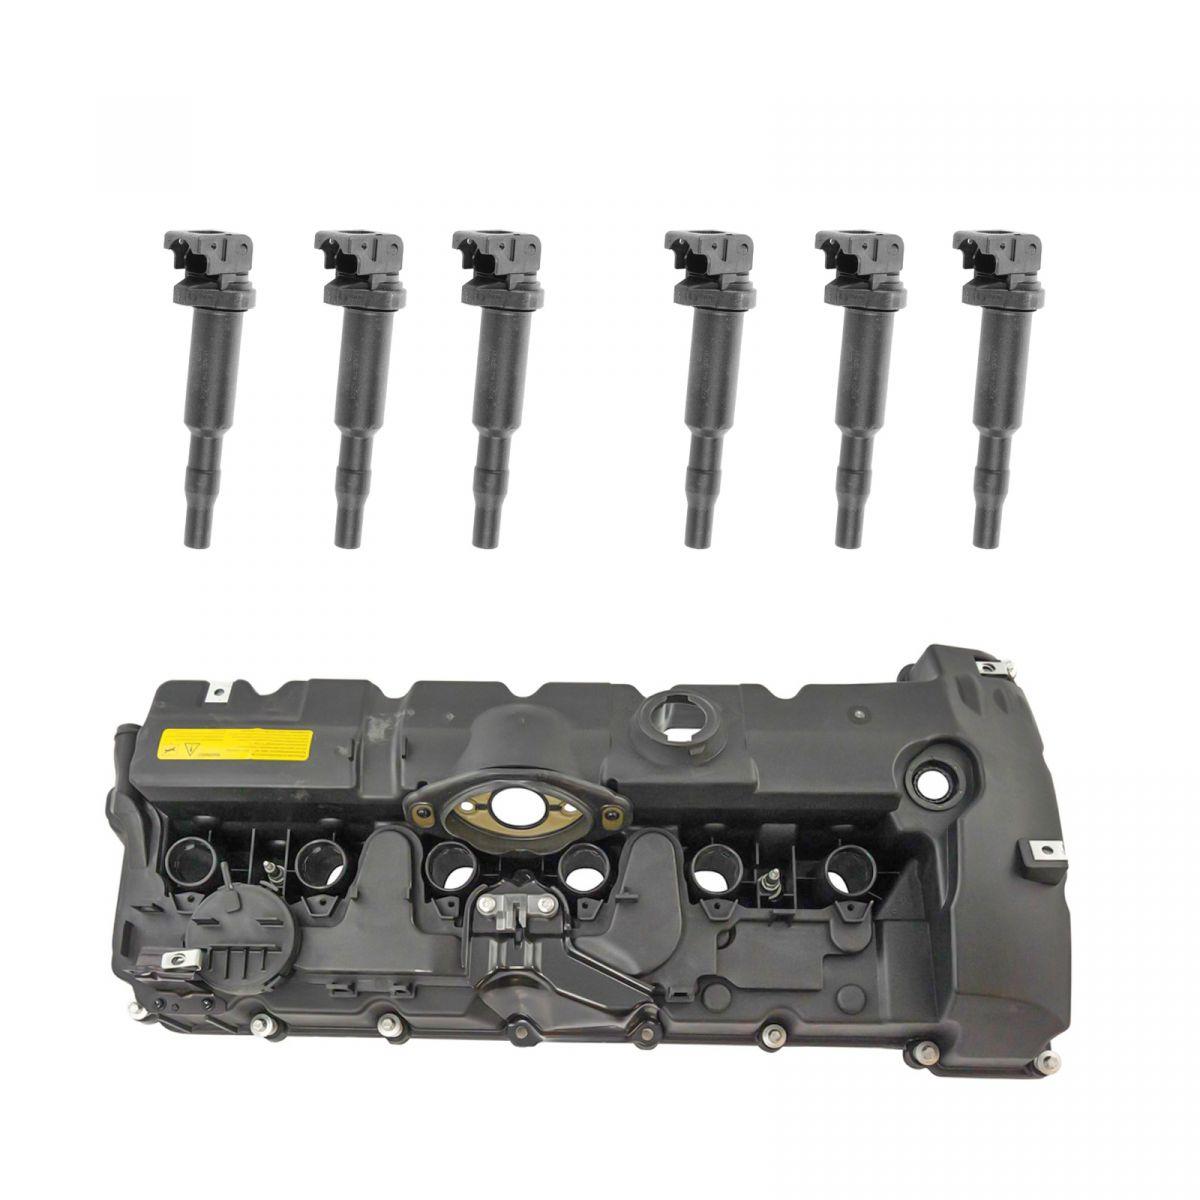 Engine Valve Cover Gasket & Ignition Coil Packs Kit Set